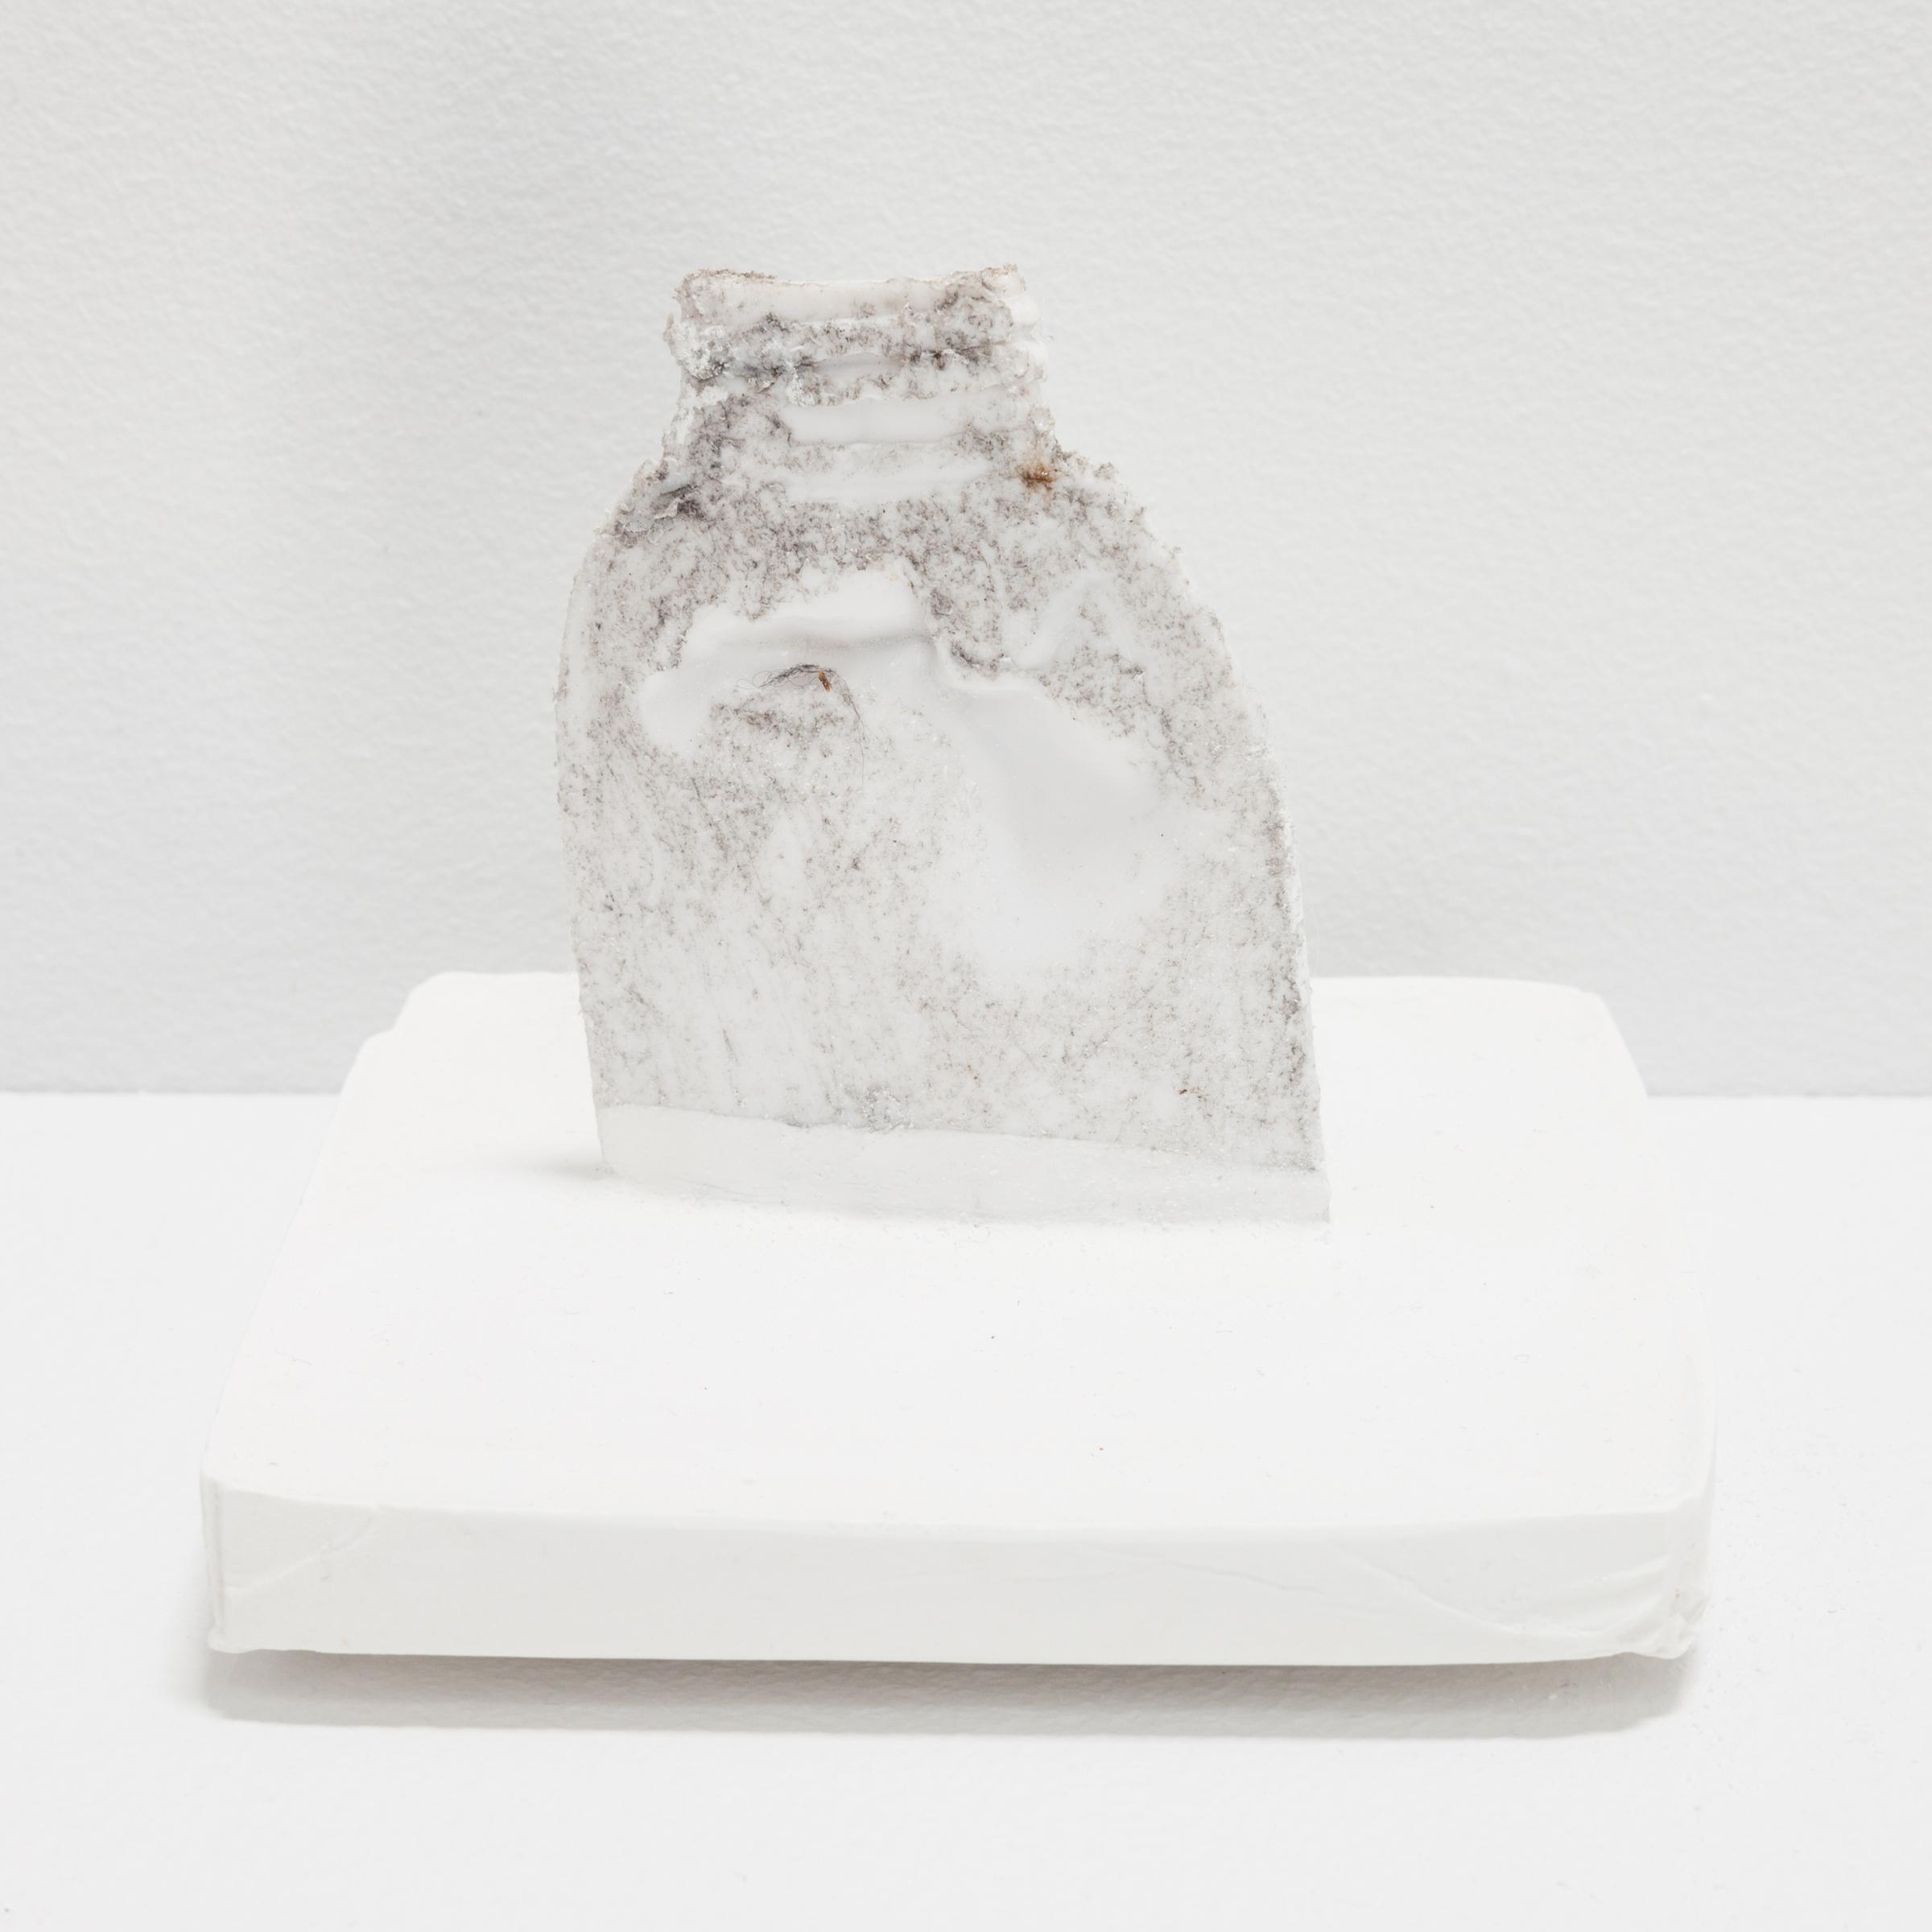 Deborah Hede,  White Plastic Bottle (small) , 2014, plastic bottle, plaster, 4 ⅛ × 4 × 4 in